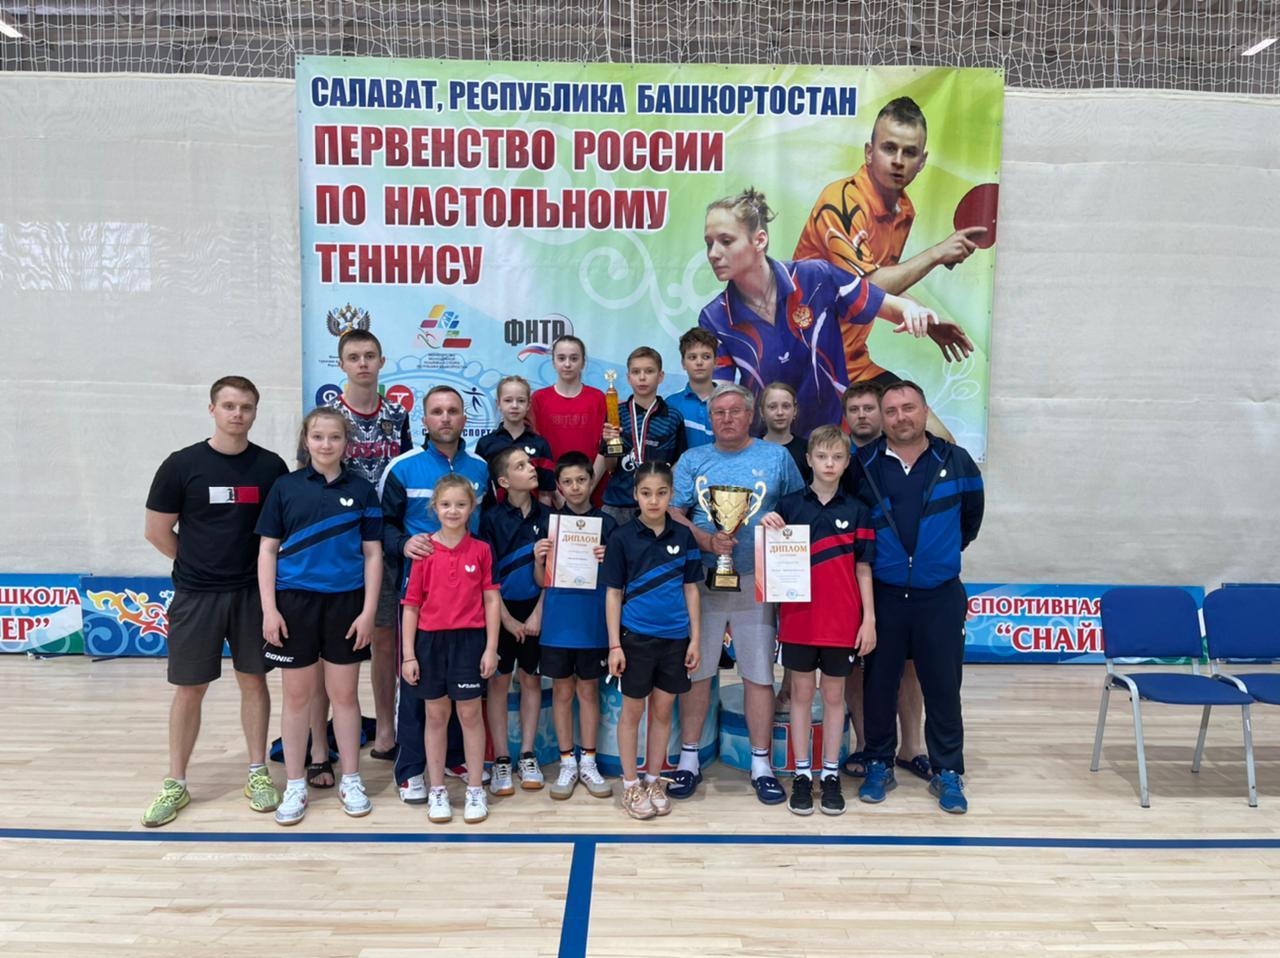 Воспитанники детской школы «Факел Газпрома» завоевали титул сильнейшей команды в России